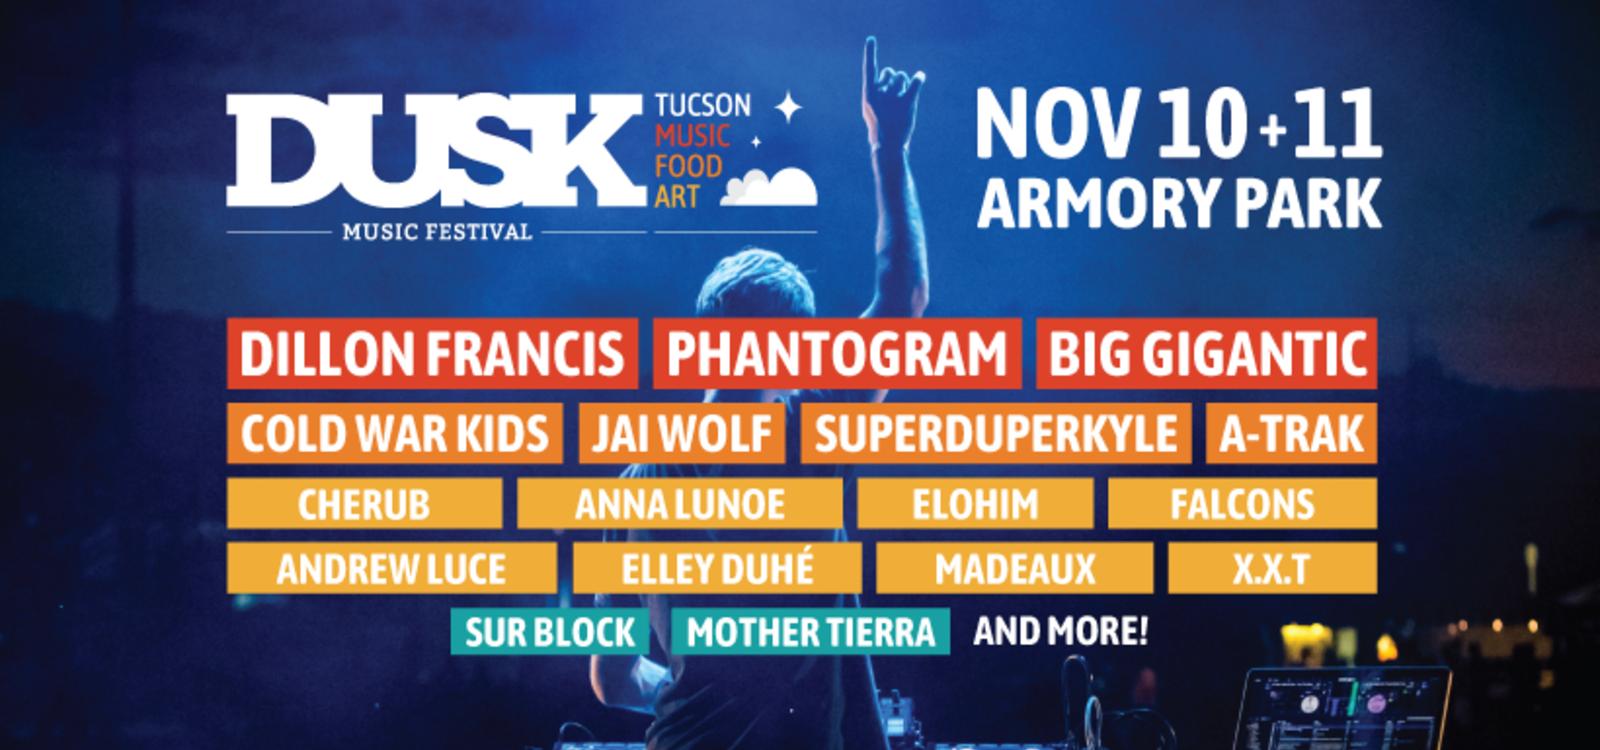 Dusk Music Fest